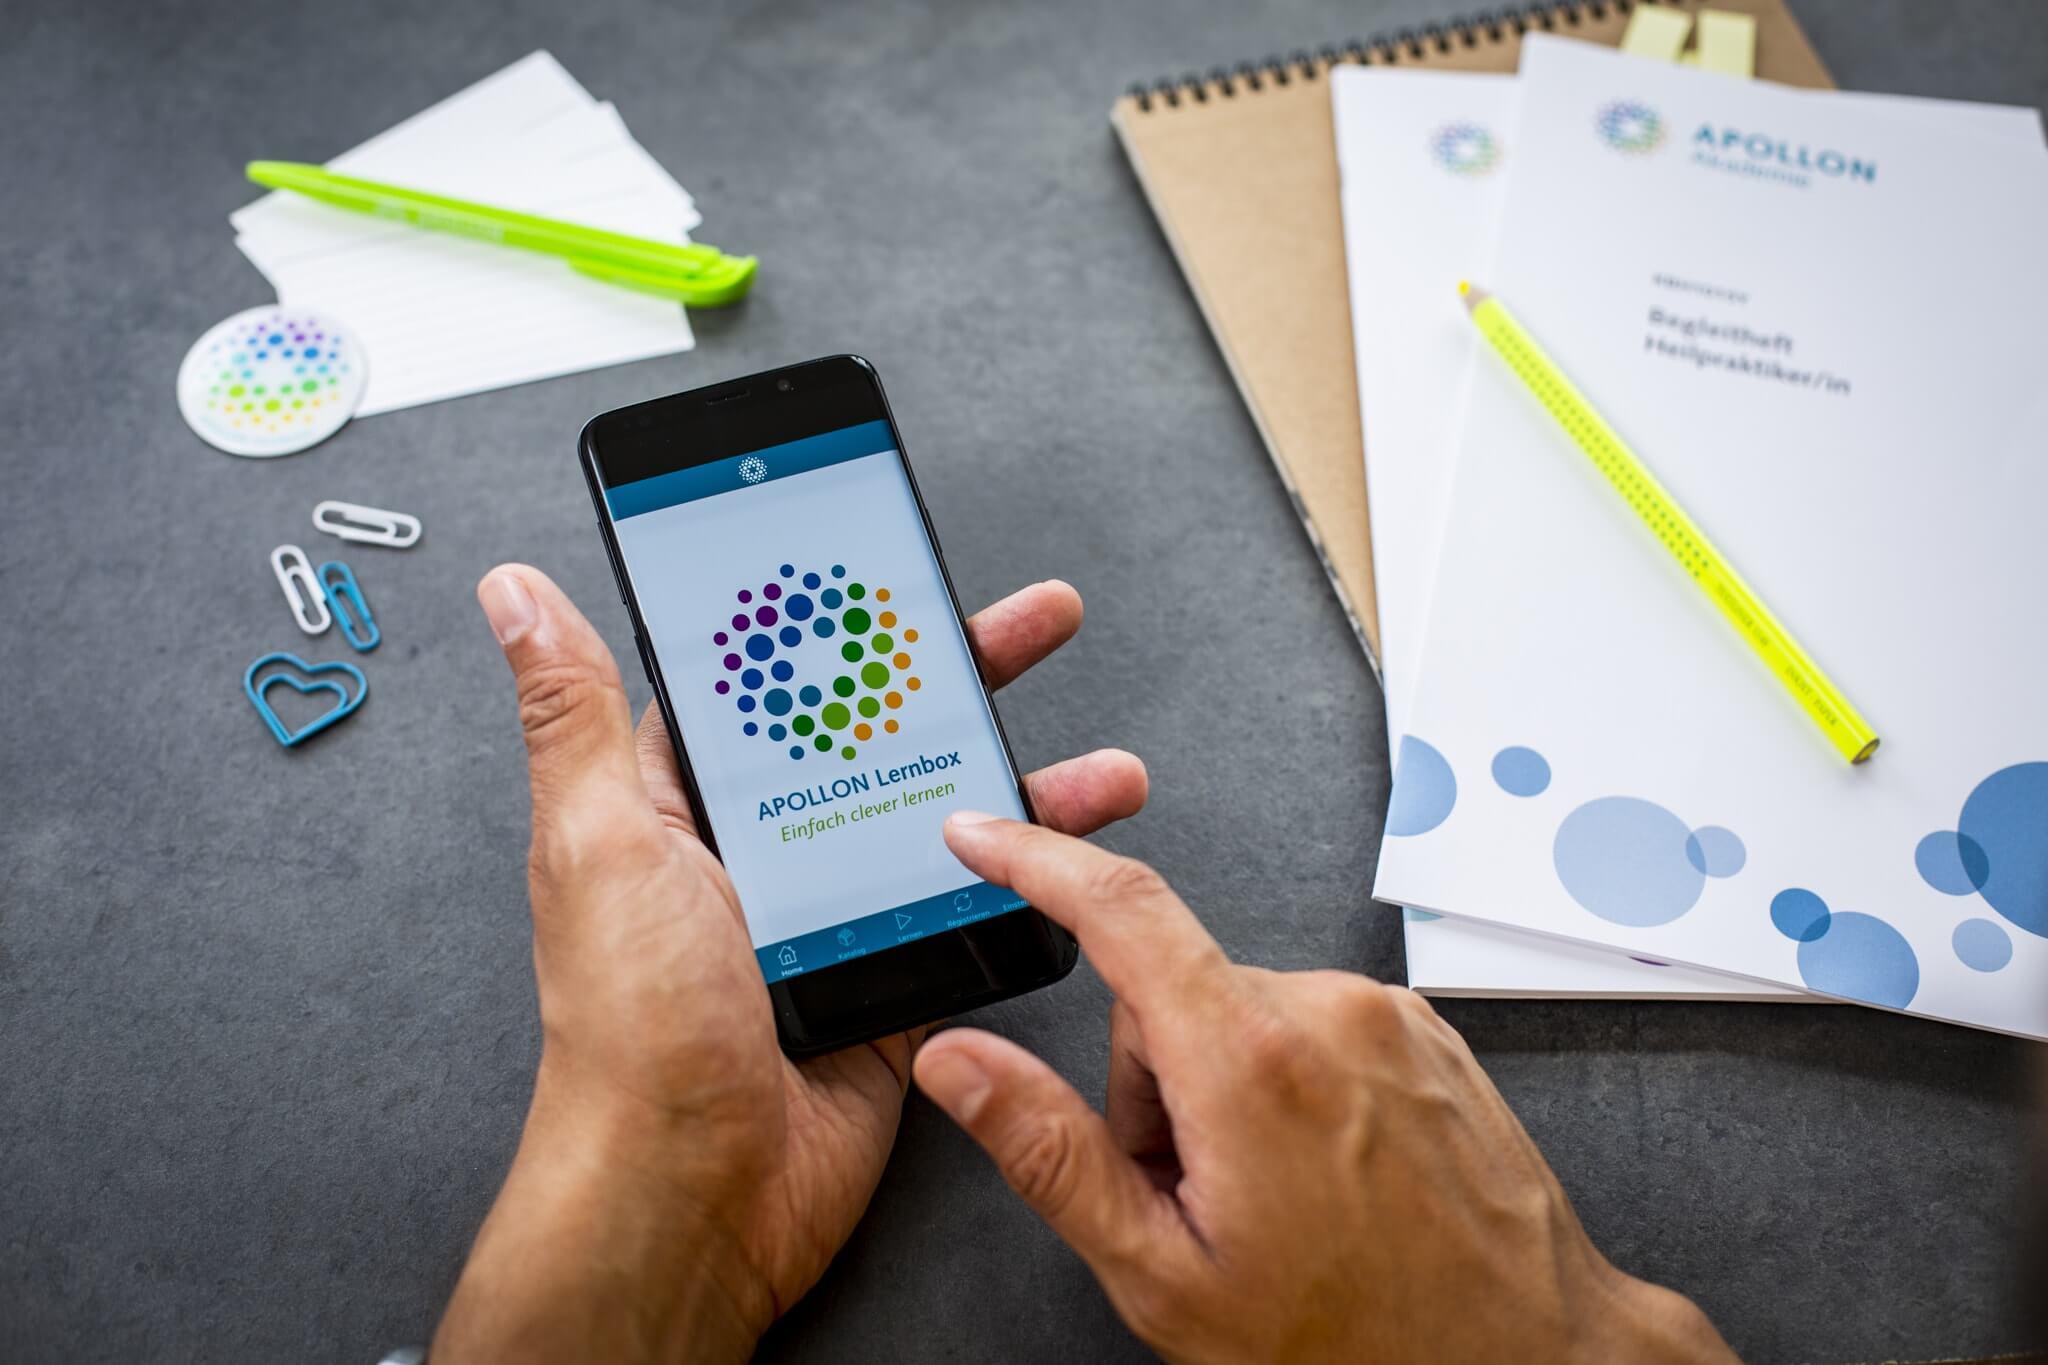 APOLLON Lernbox: Online einfach mit Karteikarten lernen